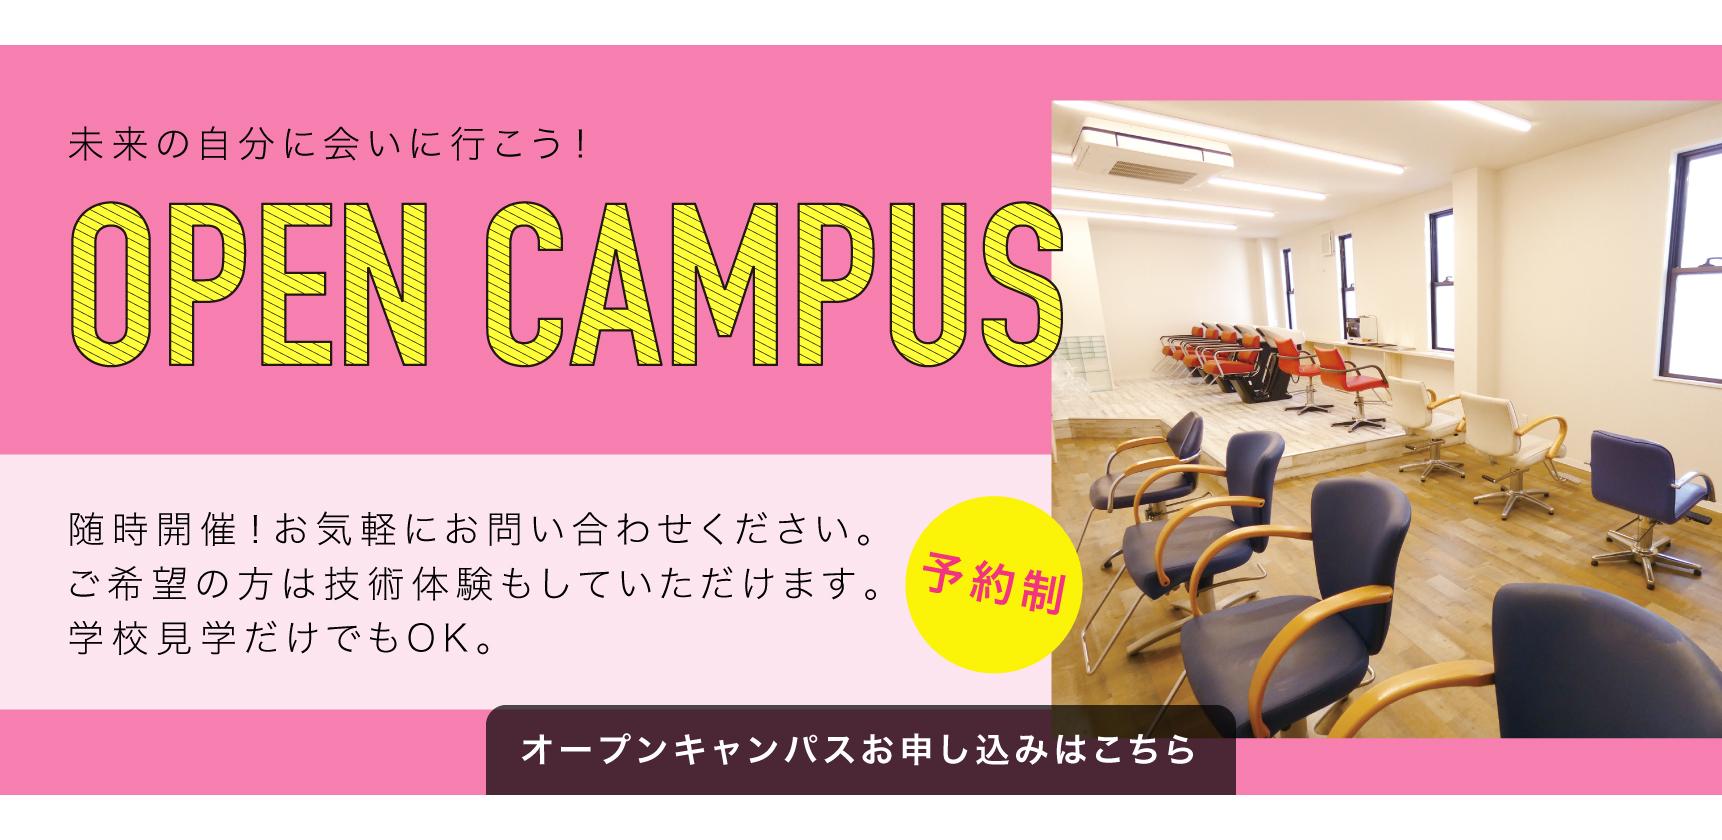 オープンキャンパス受付中